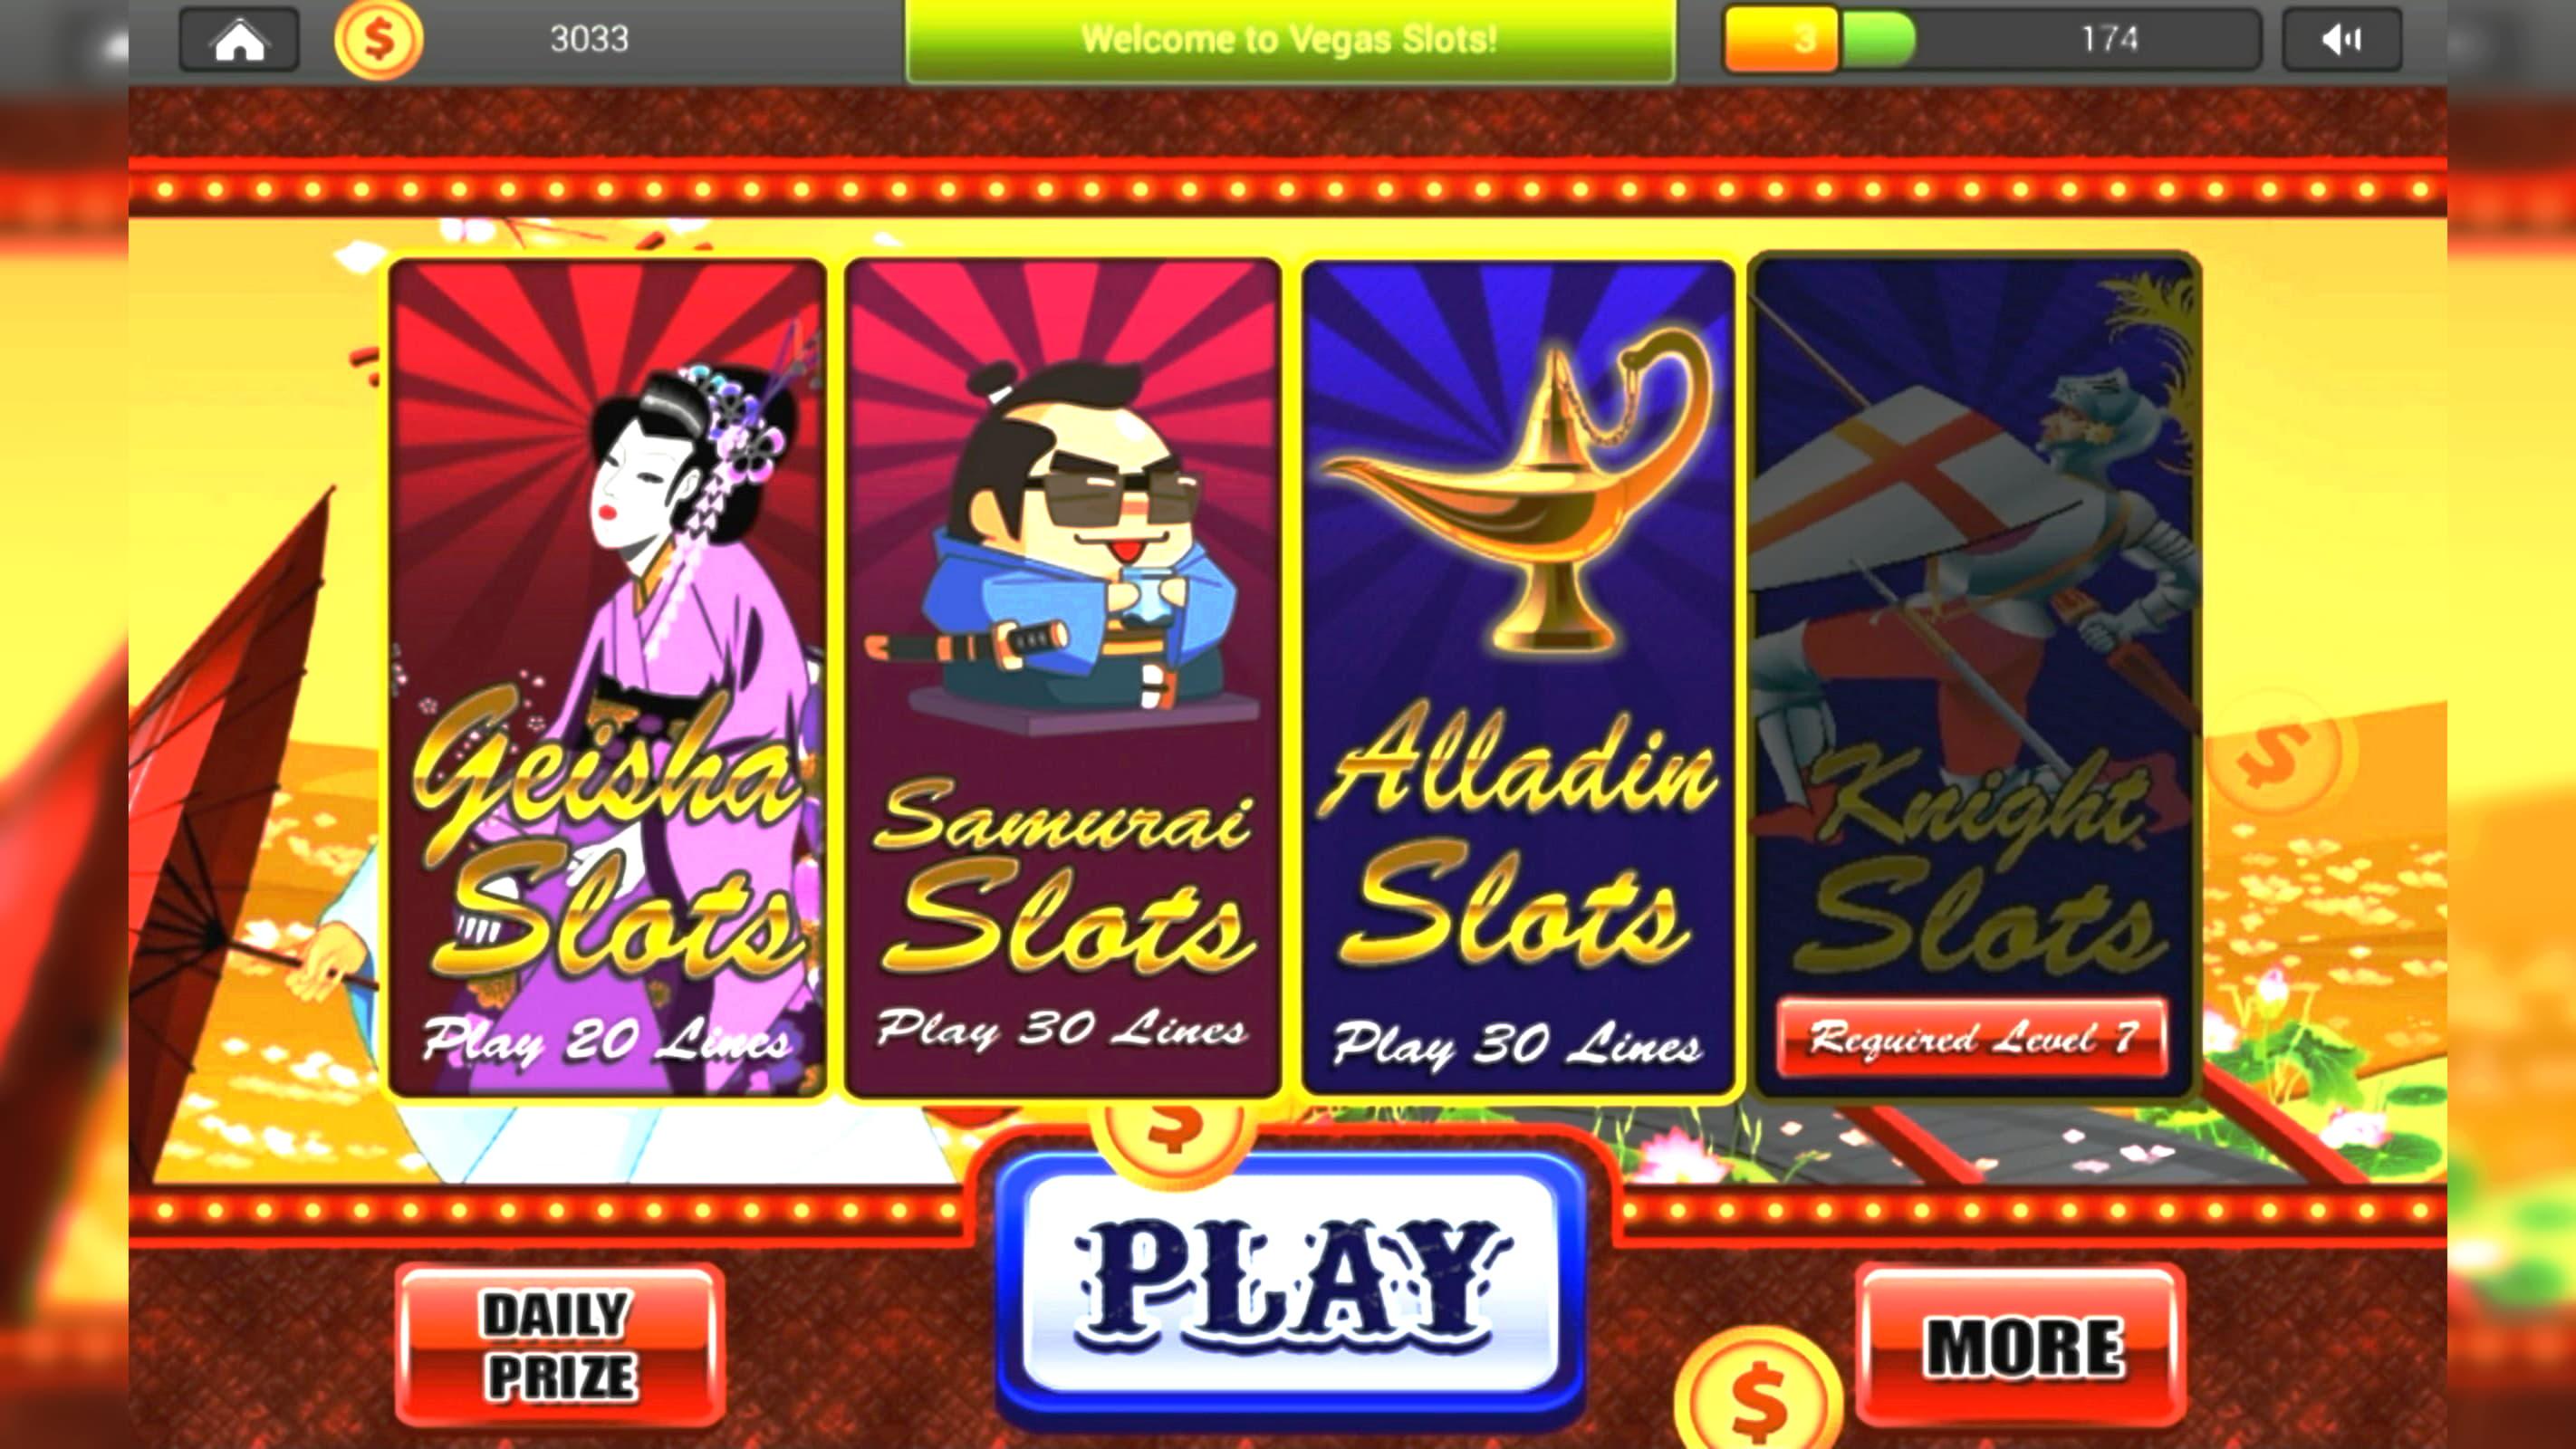 Ойын автоматтары тіркеусіз тегін ойнауға және онлайн покерге sms жібереді